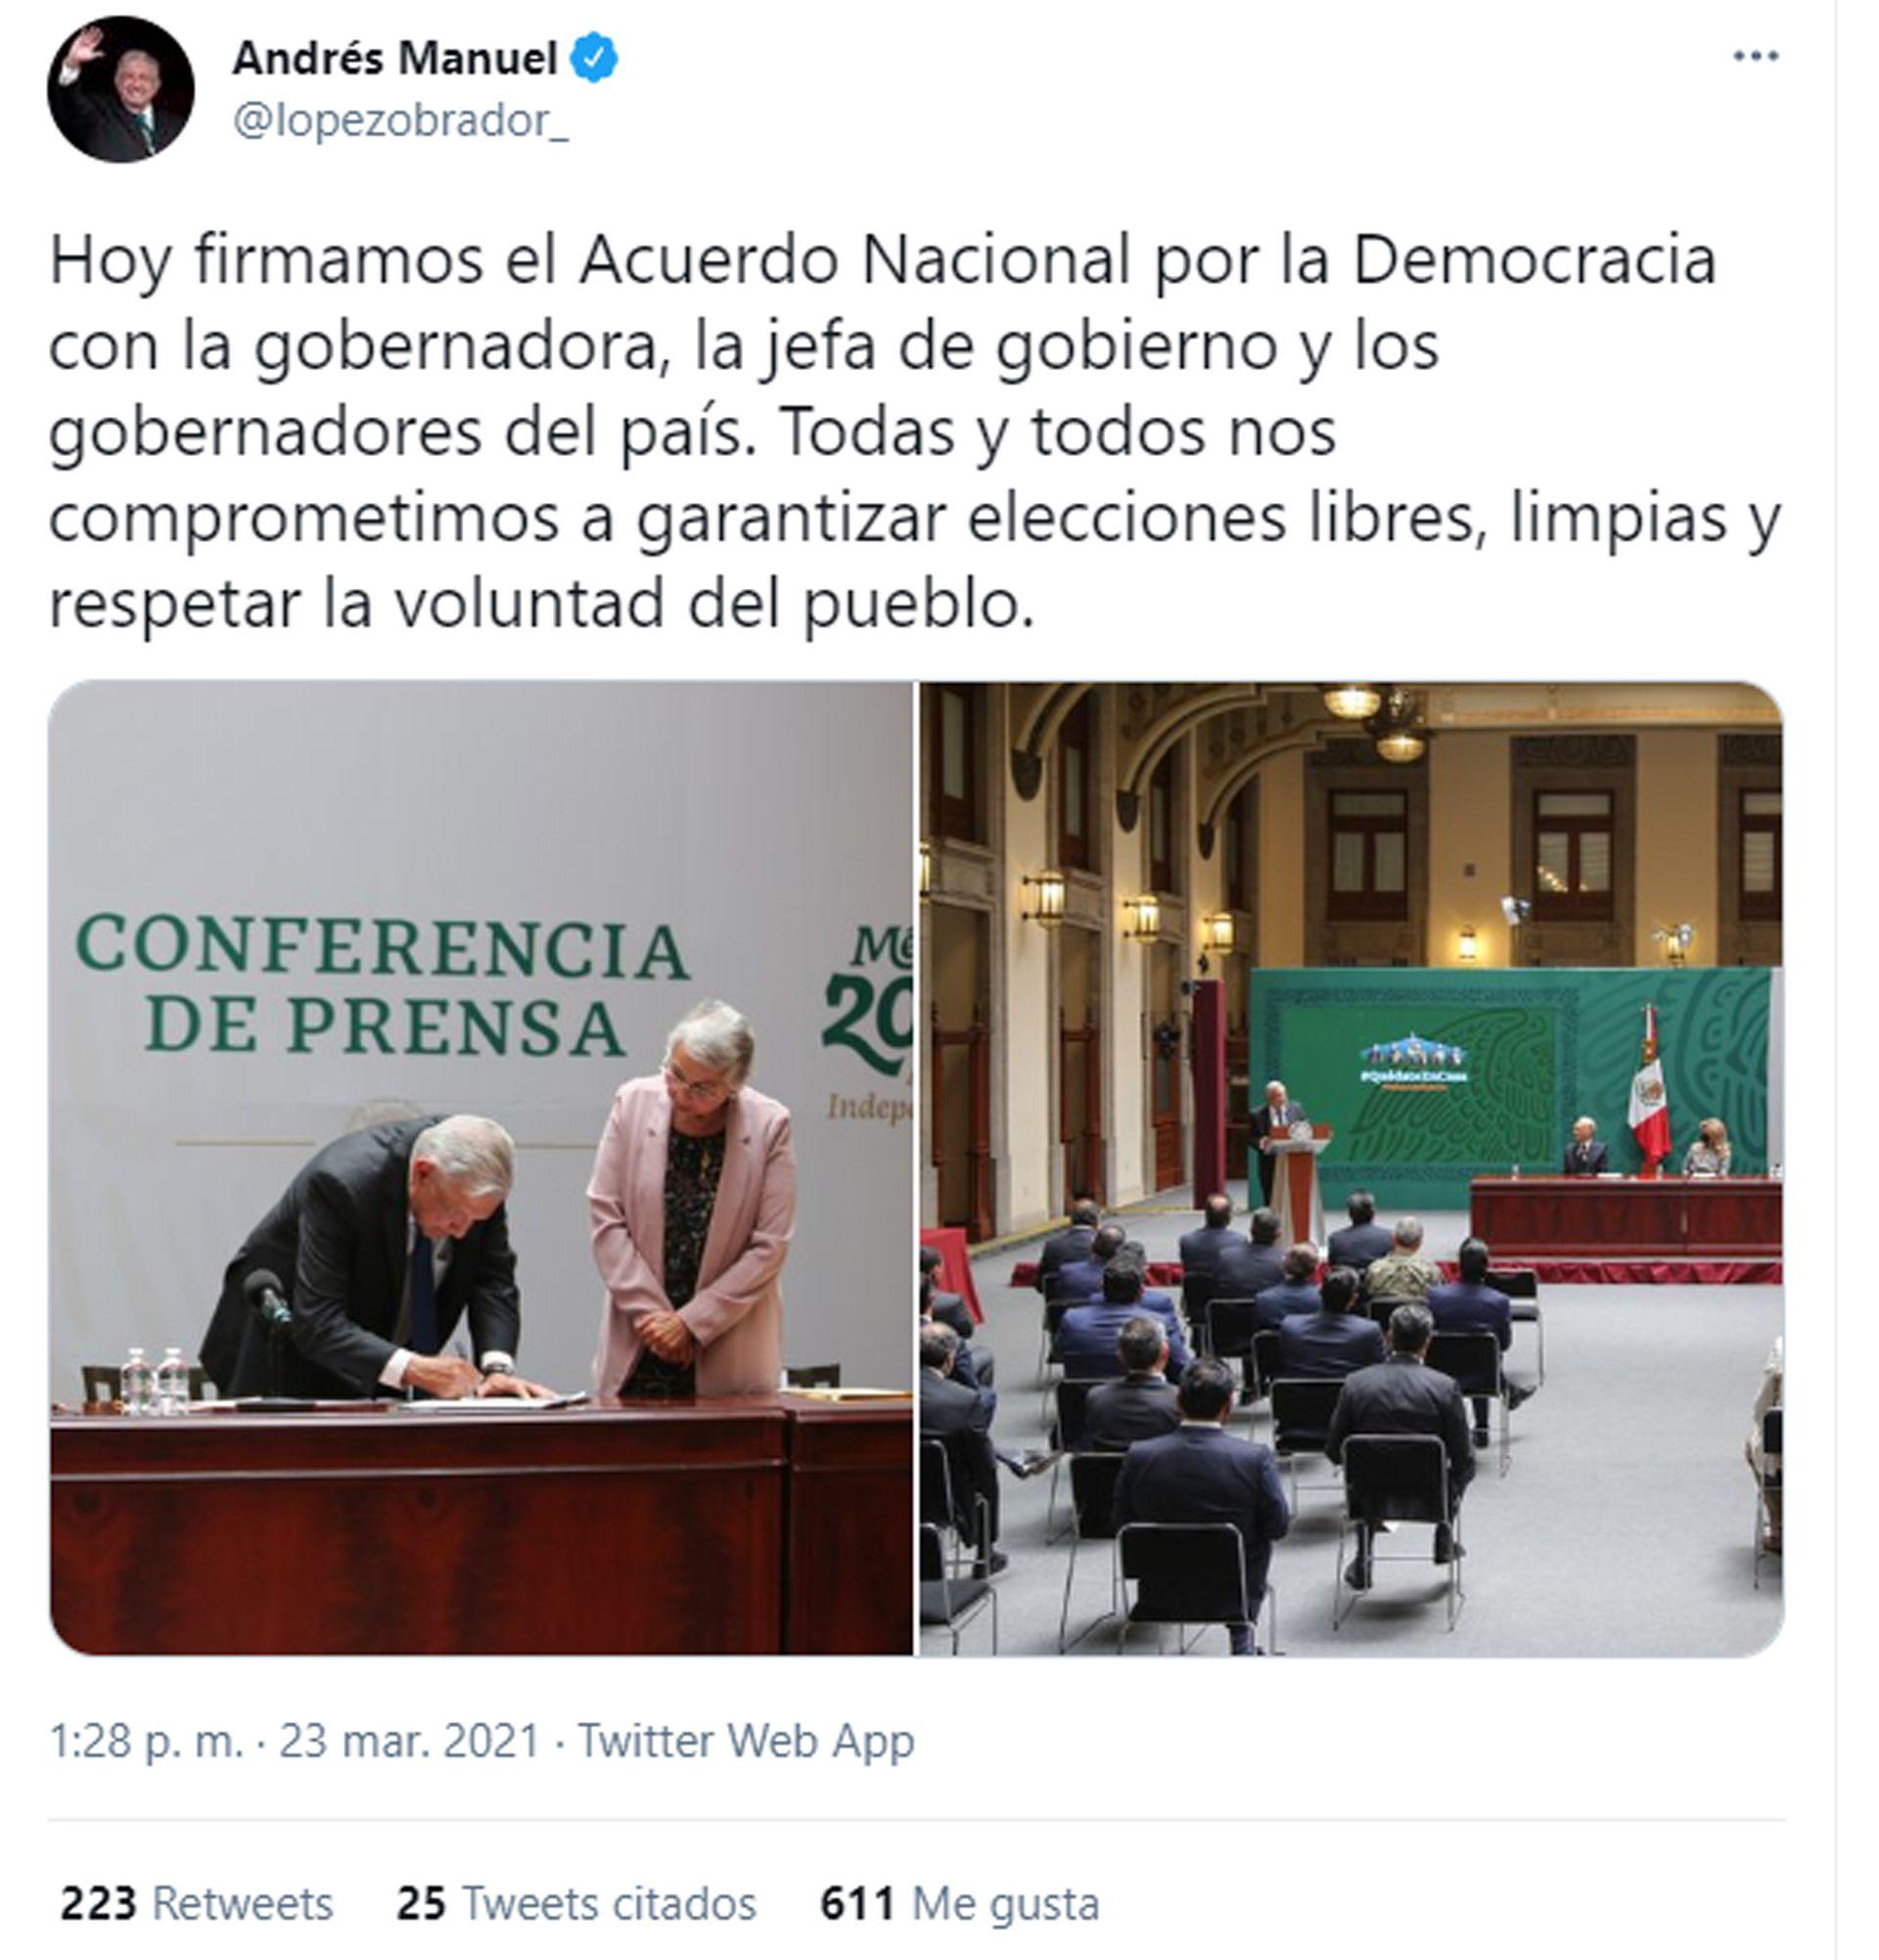 AMLO - ANDRES MANUEL LOPEZ OBRADOR - MEXICO - CONFERENCIA - PRESIDENCIA - 23032021